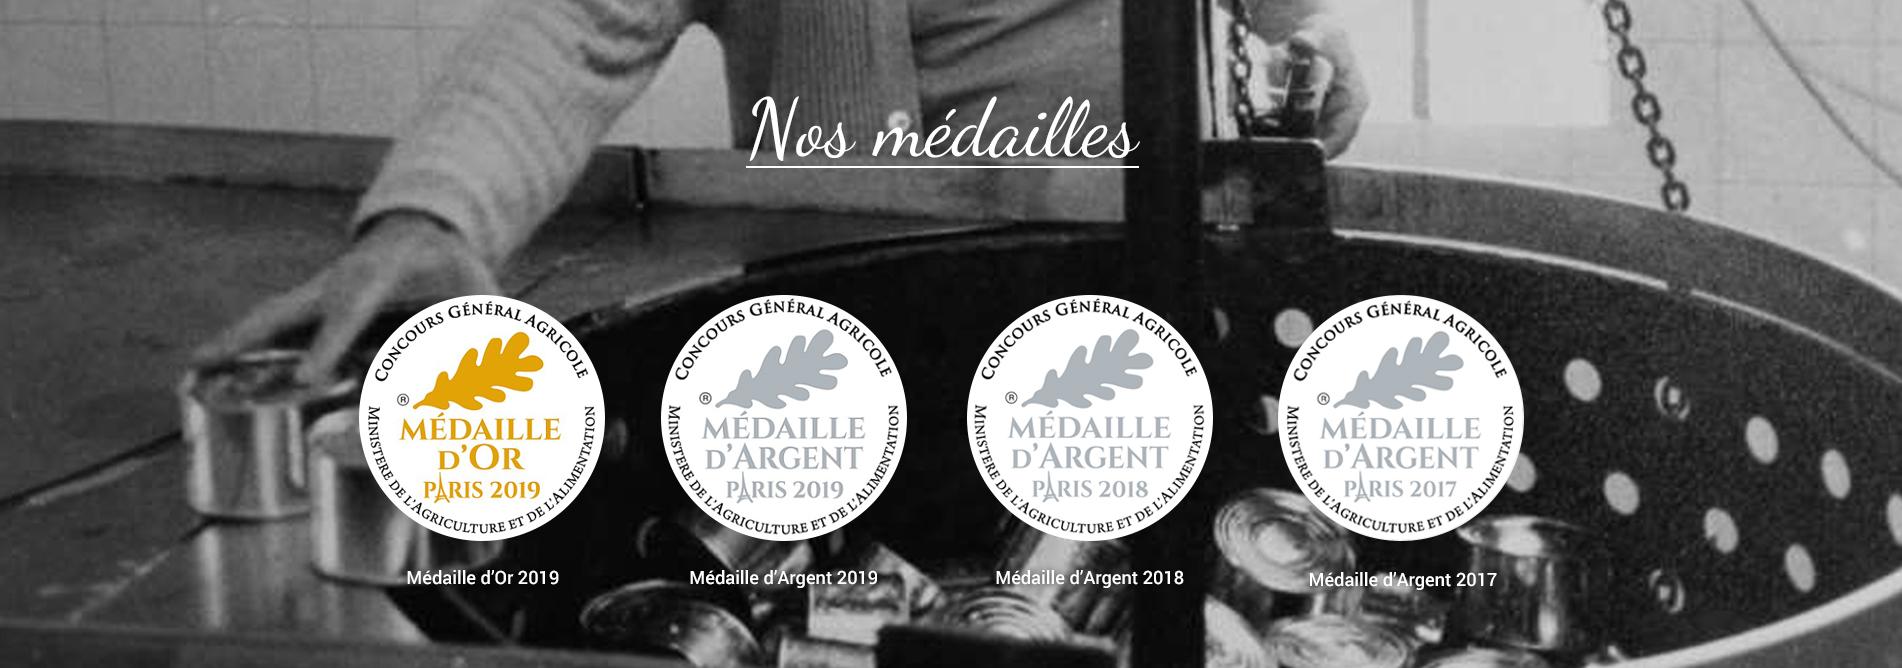 Nos médailles